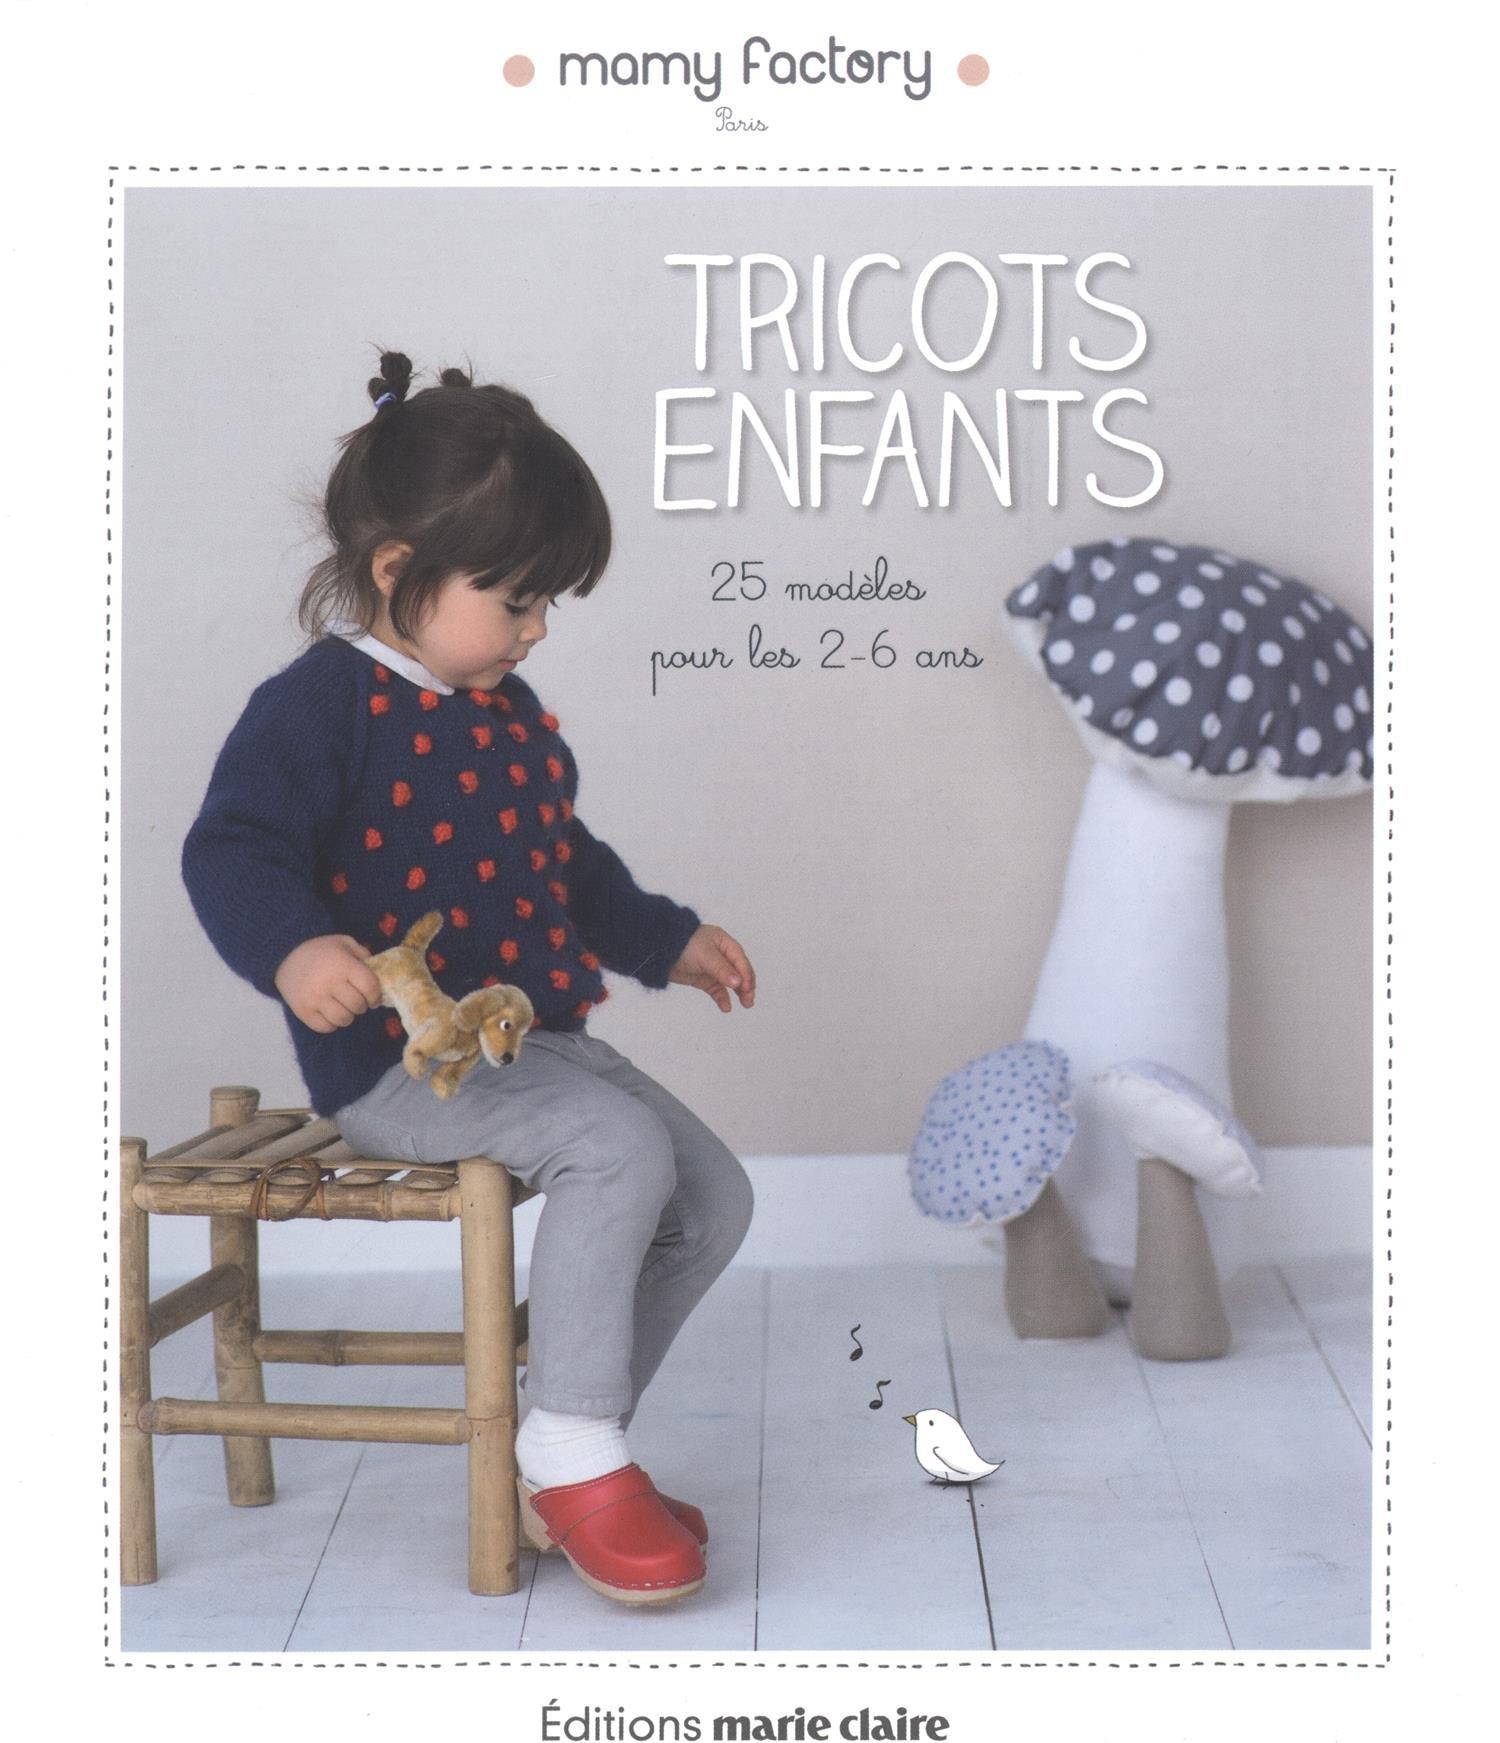 5e376ca3d091 Amazon.fr - Tricots pour Enfants - Mamy Factory - Livres